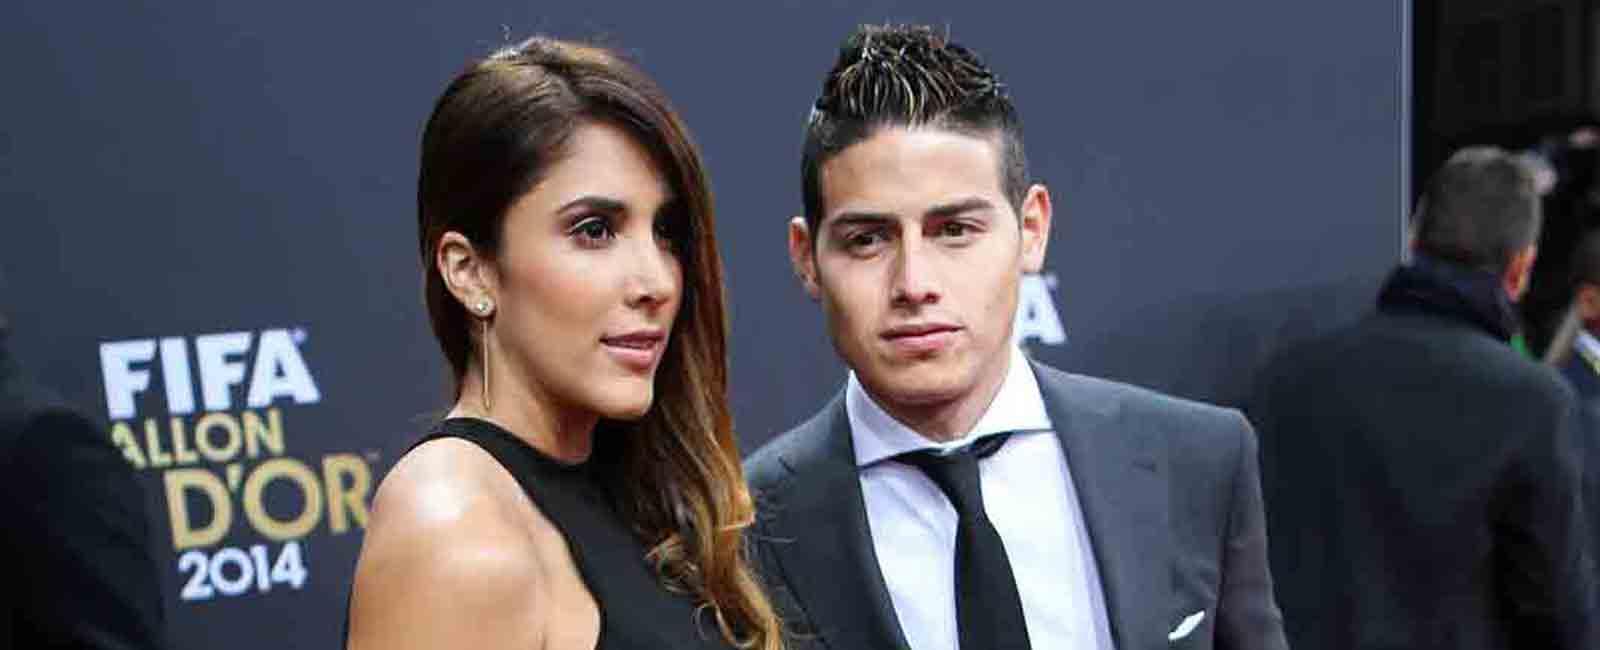 James Rodríguez y Daniela Ospina anuncian su separación